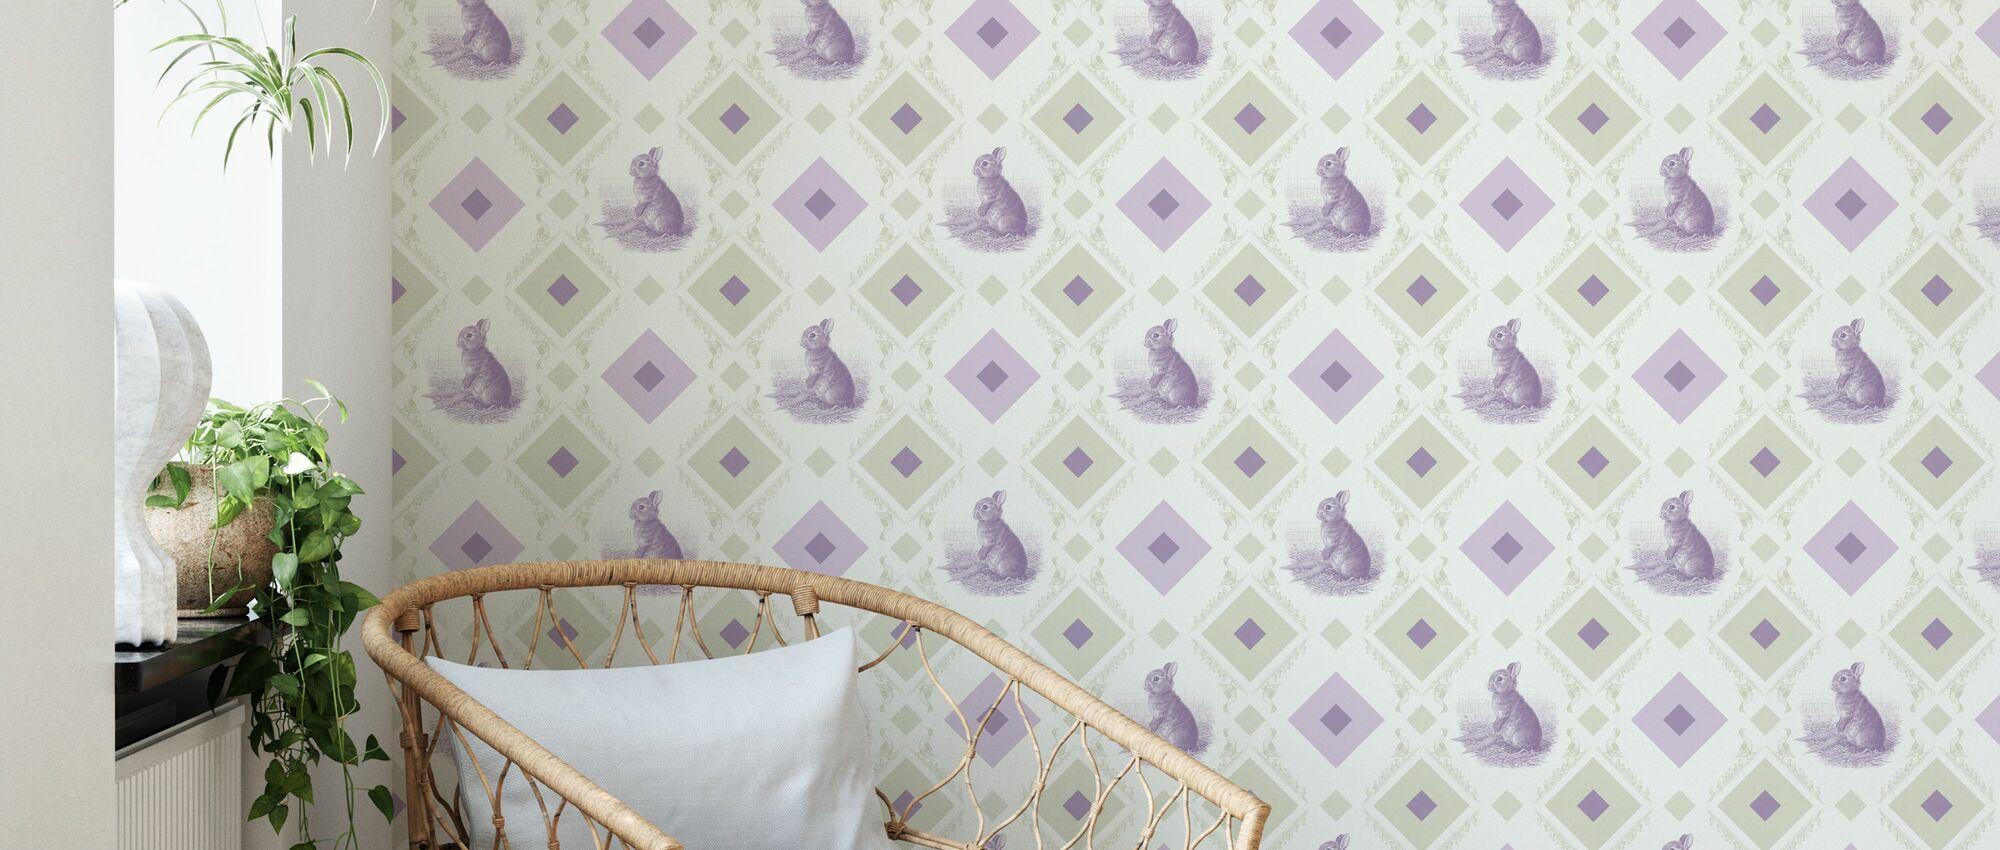 Lapin - Cadre d'oie - Vert Violet - Papier peint - Salle à manger